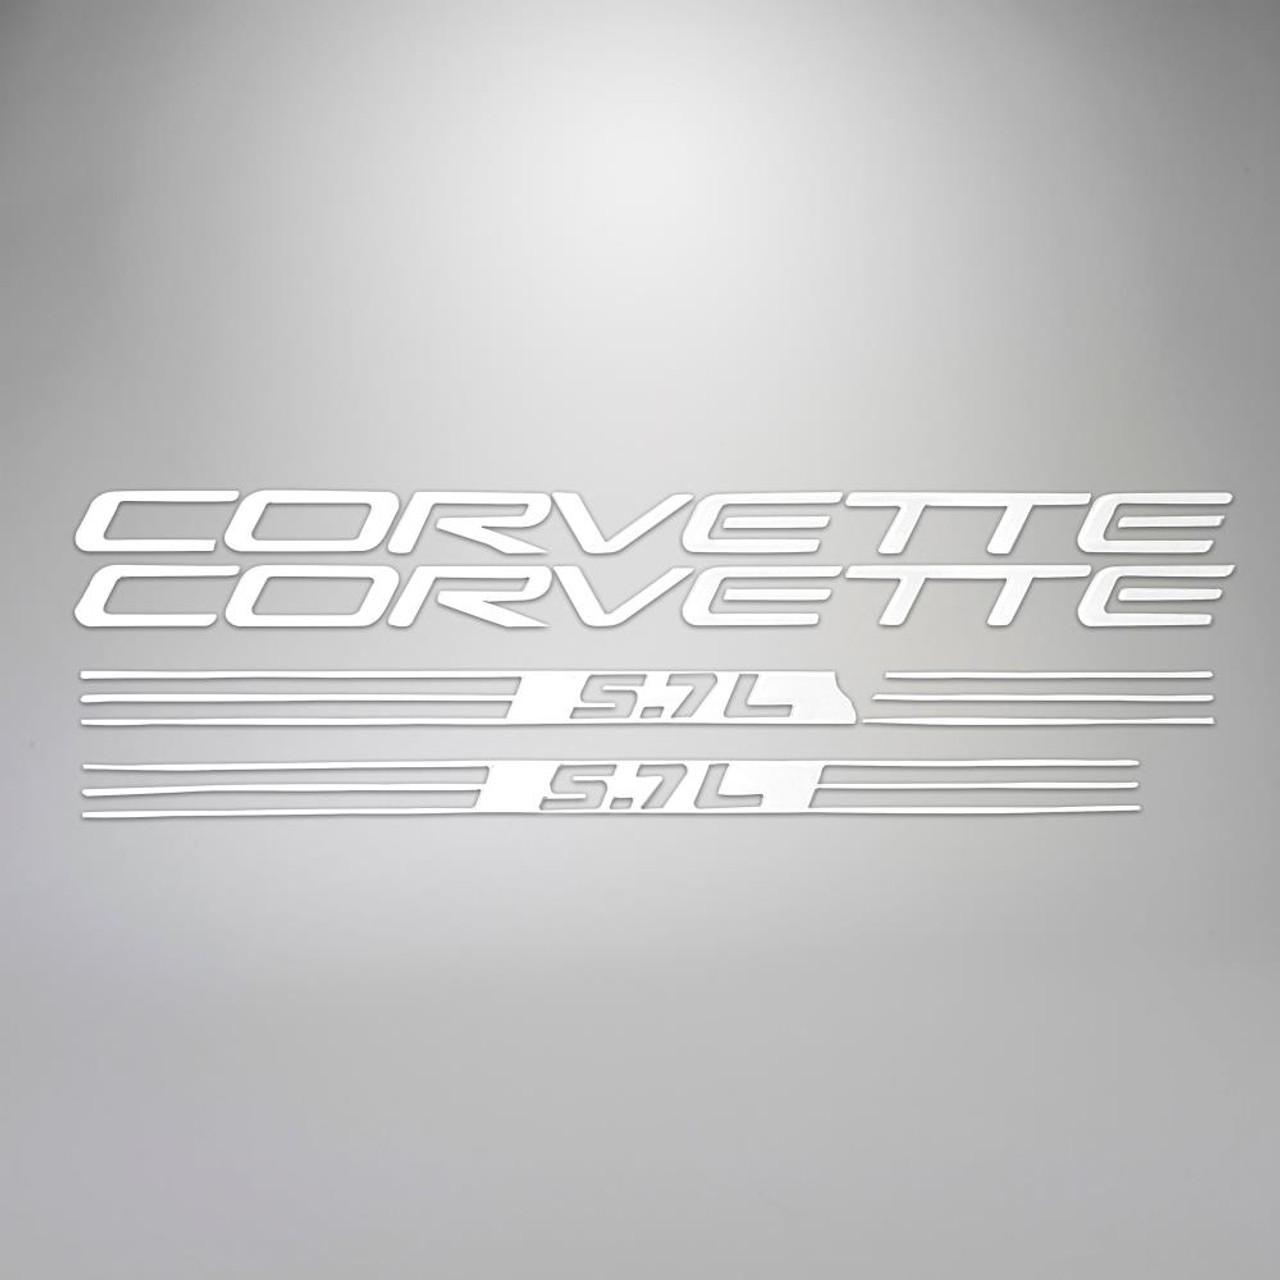 C5 99-04 Corvette 5.7L Fuel Rail Letter Kit - White